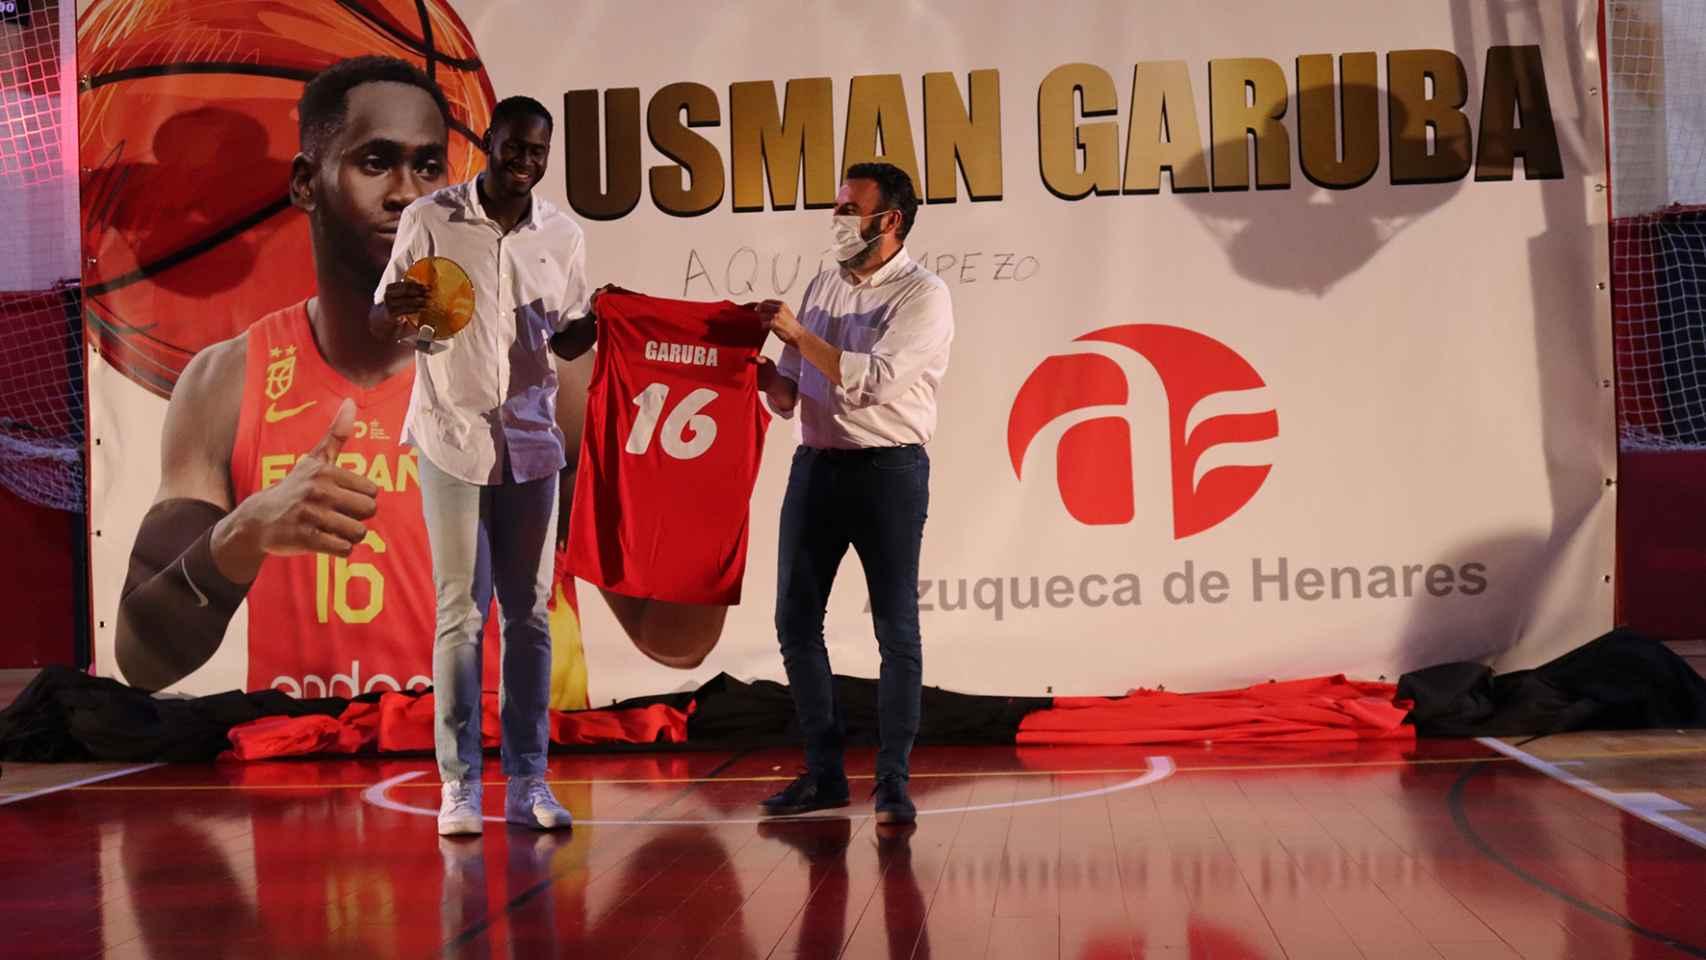 Imágenes del día en Castilla-La Mancha: homenaje a Garuba antes de marcharse a la NBA